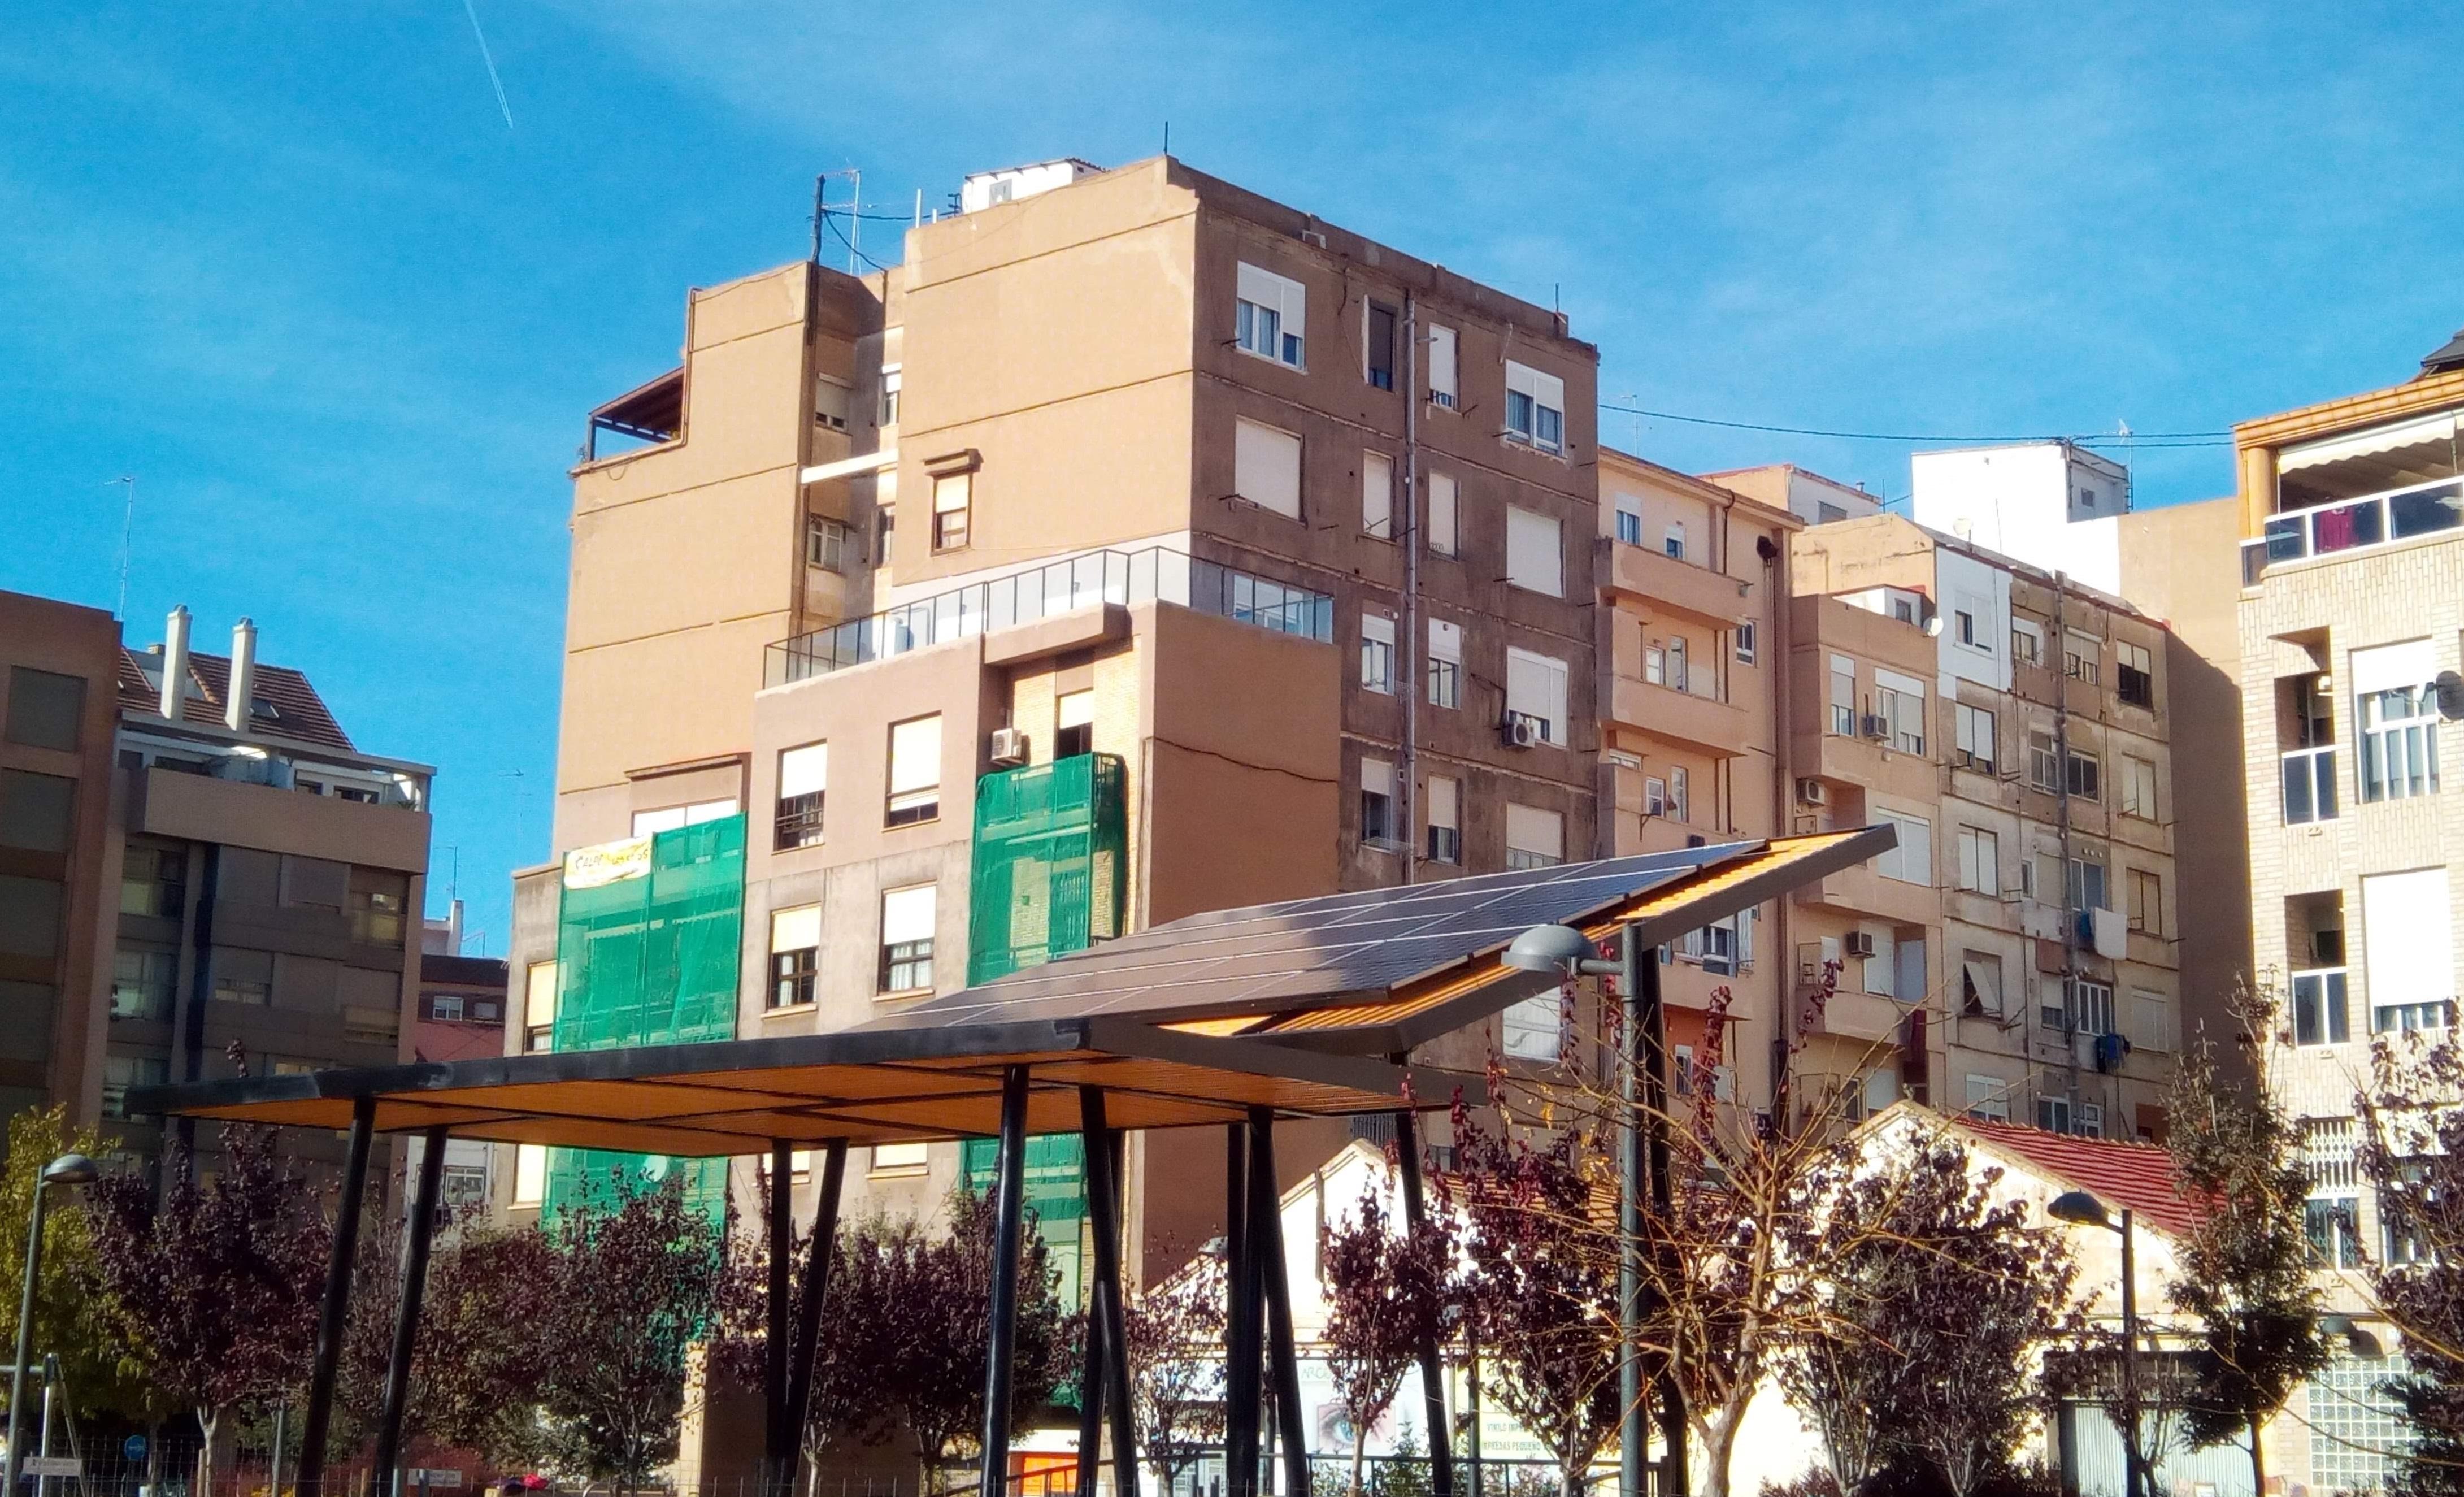 Nou projecte: El potencial fotovoltaic de València a la llum del nou decret de autoconsum